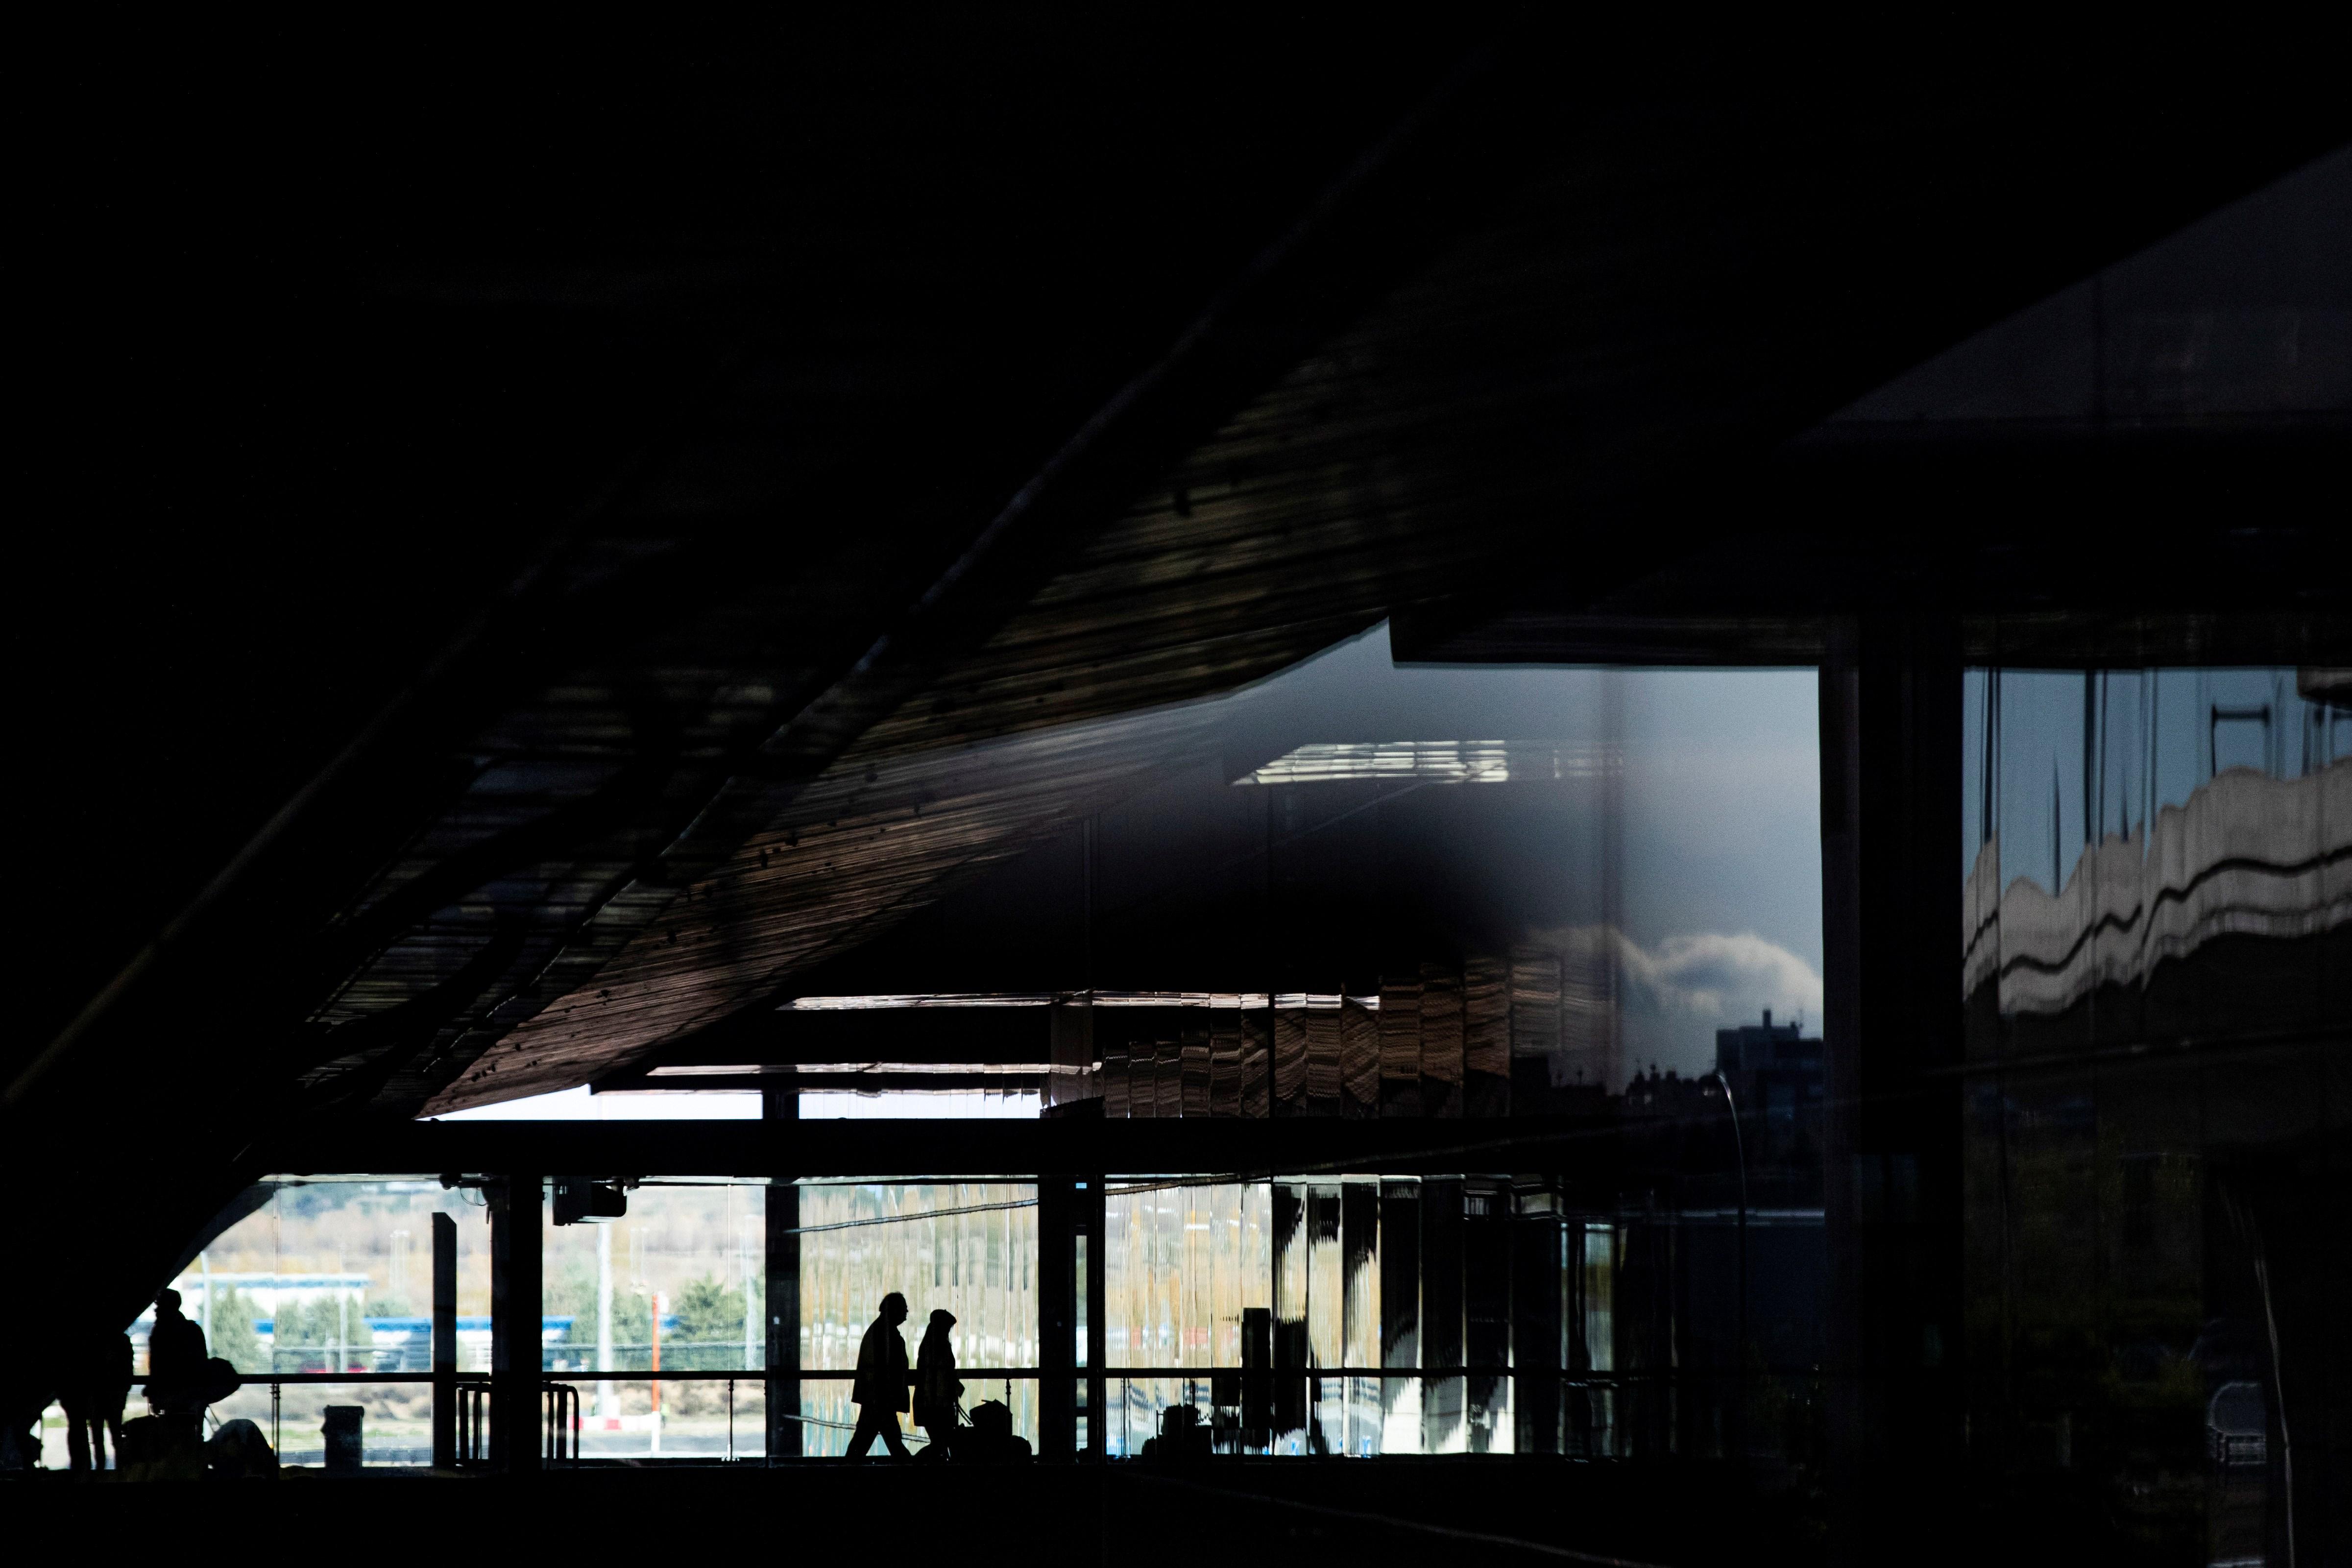 Diverses persones transiten per l'aeroport de Madrid-Barajas dijous a la vigília del pont de la Constitució. / EMILIO NARANJO